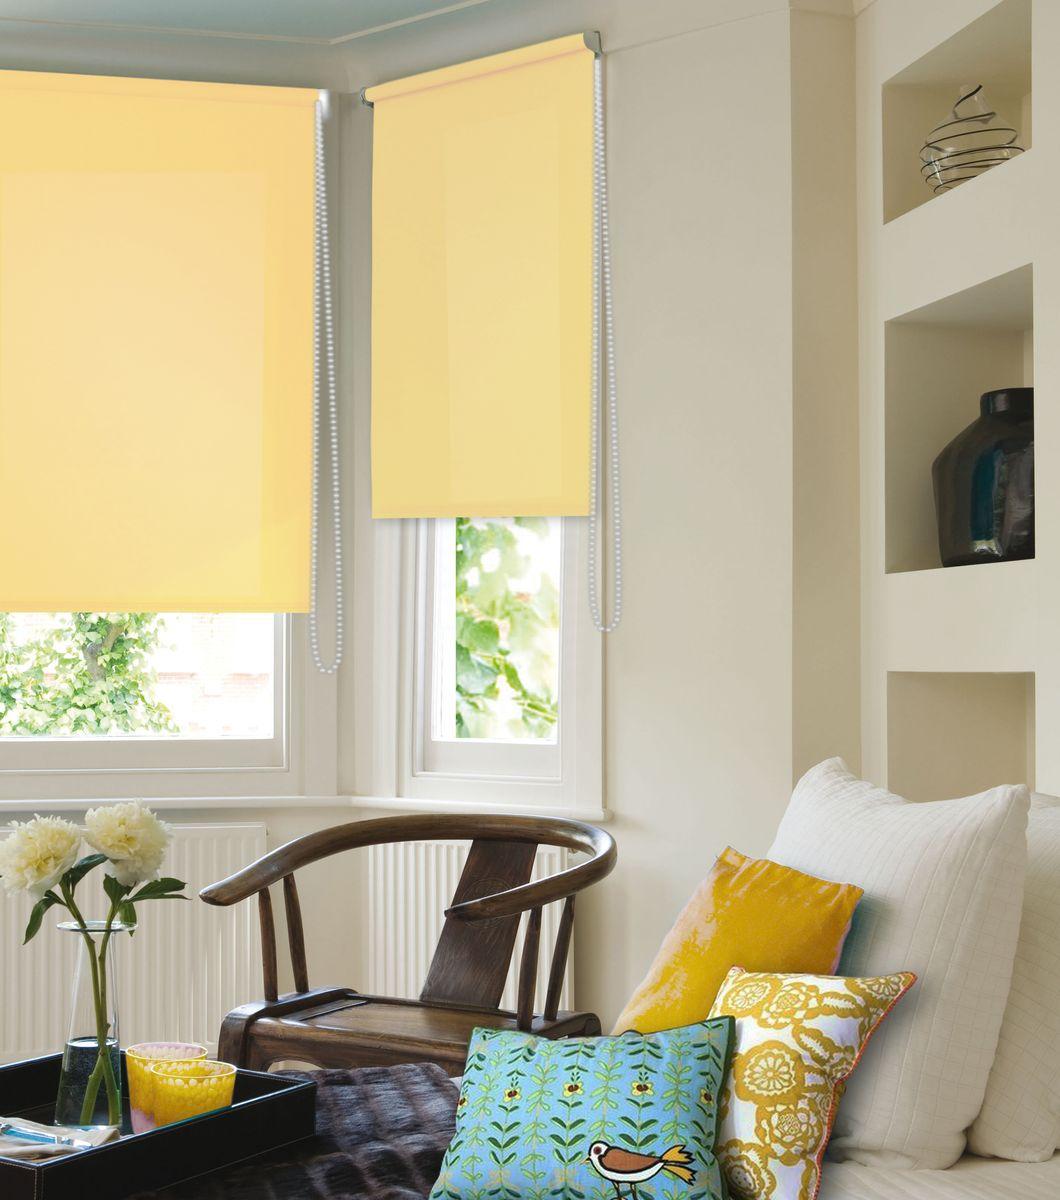 Штора рулонная Эскар Ролло, цвет: желтый, ширина 130 см, высота 170 см81103130170Рулонными шторами можно оформлять окна как самостоятельно, так и использовать в комбинации с портьерами. Это поможет предотвратить выгорание дорогой ткани на солнце и соединит функционал рулонных с красотой навесных. Преимущества применения рулонных штор для пластиковых окон: - имеют прекрасный внешний вид: многообразие и фактурность материала изделия отлично смотрятся в любом интерьере;- многофункциональны: есть возможность подобрать шторы способные эффективно защитить комнату от солнца, при этом она не будет слишком темной. - Есть возможность осуществить быстрый монтаж.ВНИМАНИЕ! Размеры ширины изделия указаны по ширине ткани! Во время эксплуатации не рекомендуется полностью разматывать рулон, чтобы не оторвать ткань от намоточного вала. В случае загрязнения поверхности ткани, чистку шторы проводят одним из способов, в зависимости от типа загрязнения:легкое поверхностное загрязнение можно удалить при помощи канцелярского ластика;чистка от пыли производится сухим методом при помощи пылесоса с мягкой щеткой-насадкой;для удаления пятна используйте мягкую губку с пенообразующим неагрессивным моющим средством или пятновыводитель на натуральной основе (нельзя применять растворители).